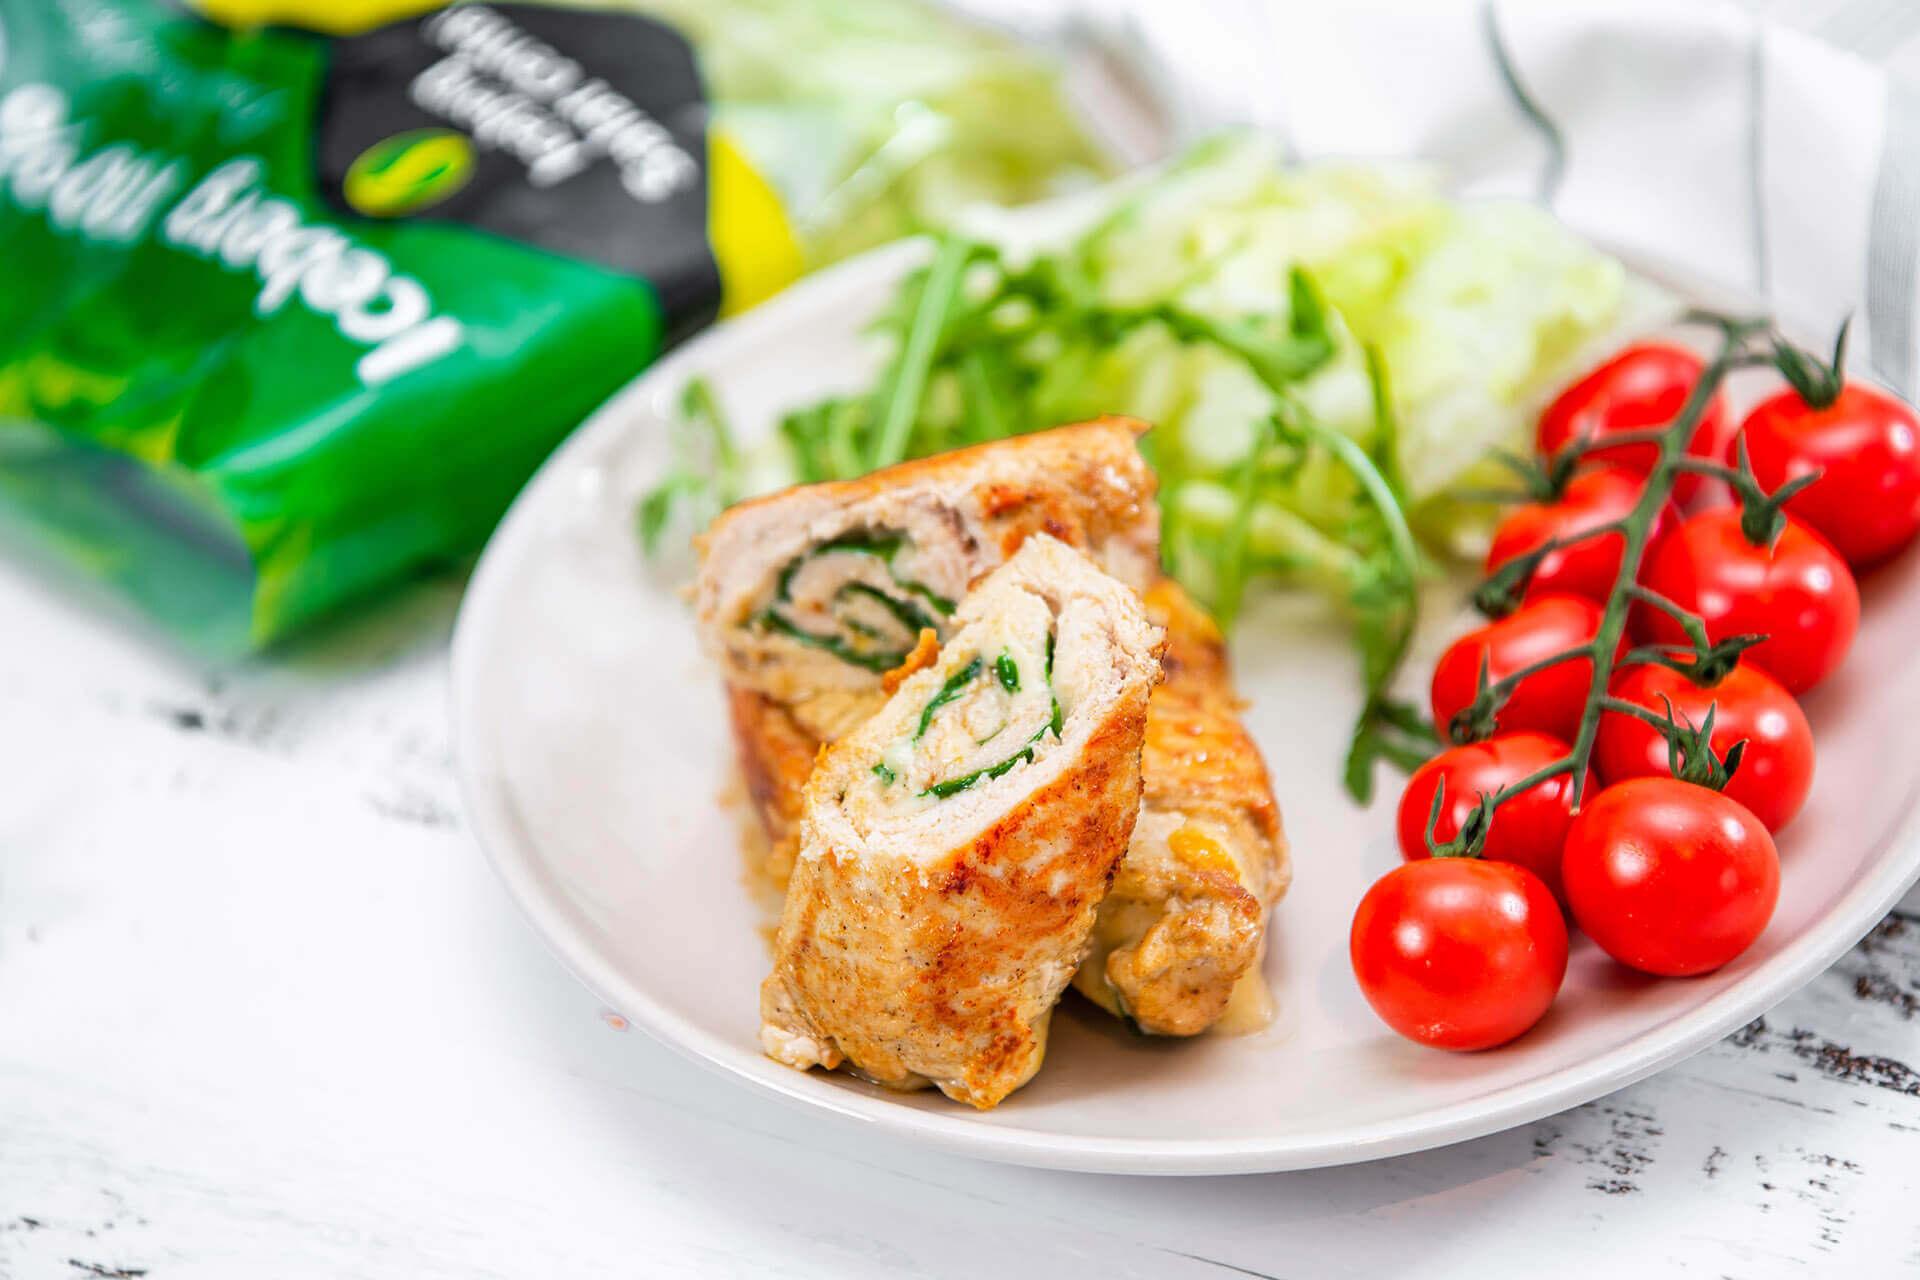 piletina, klub zdravih navika, piletina klub zdravih navika, kzn, piletina kzn, vecera, zdrava piletina, susam piletina, iceberg salat centar